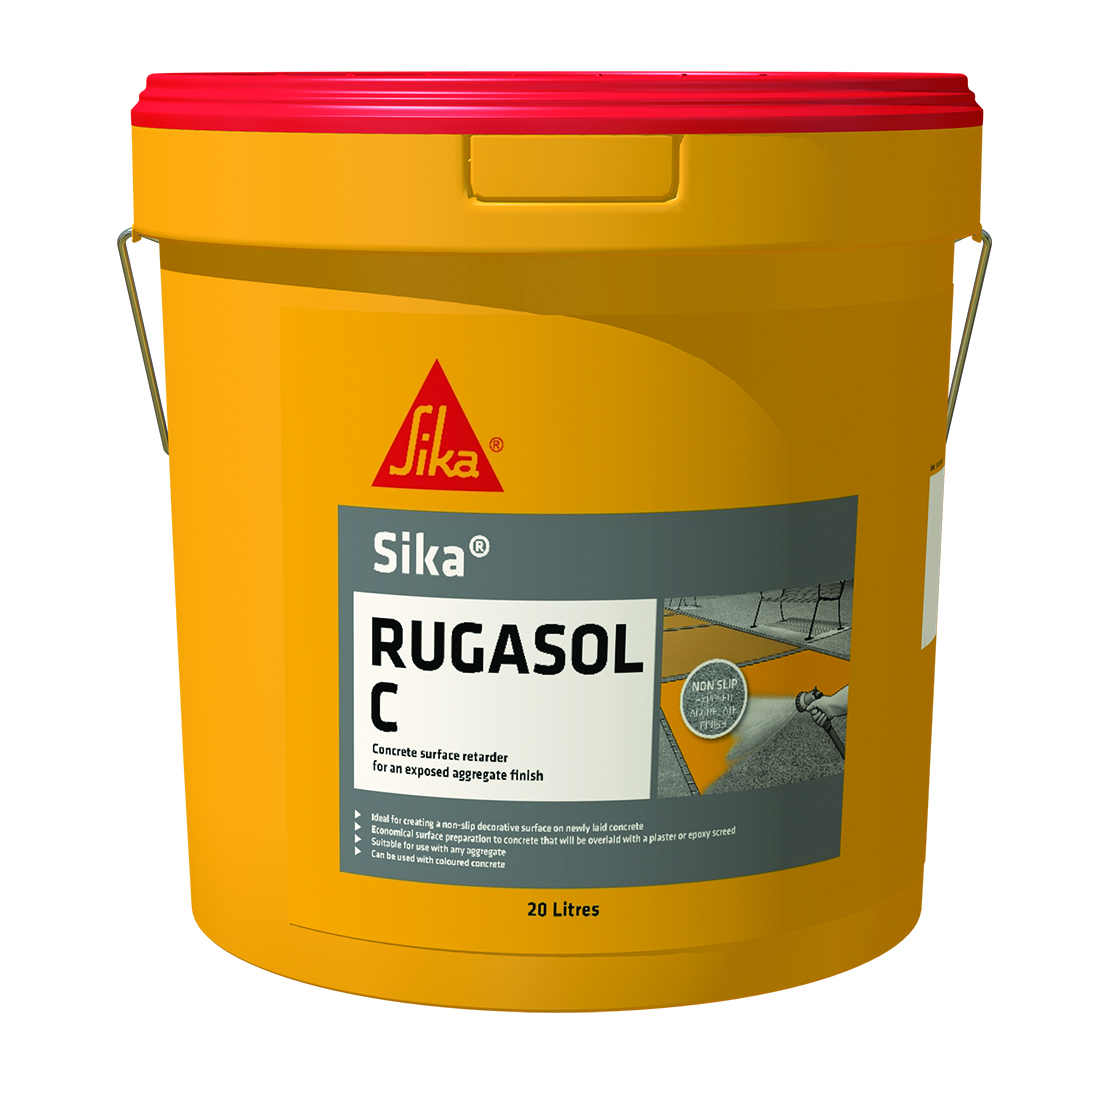 Rugasol 'C' 20L Transparent Concrete Surface Retarder Red